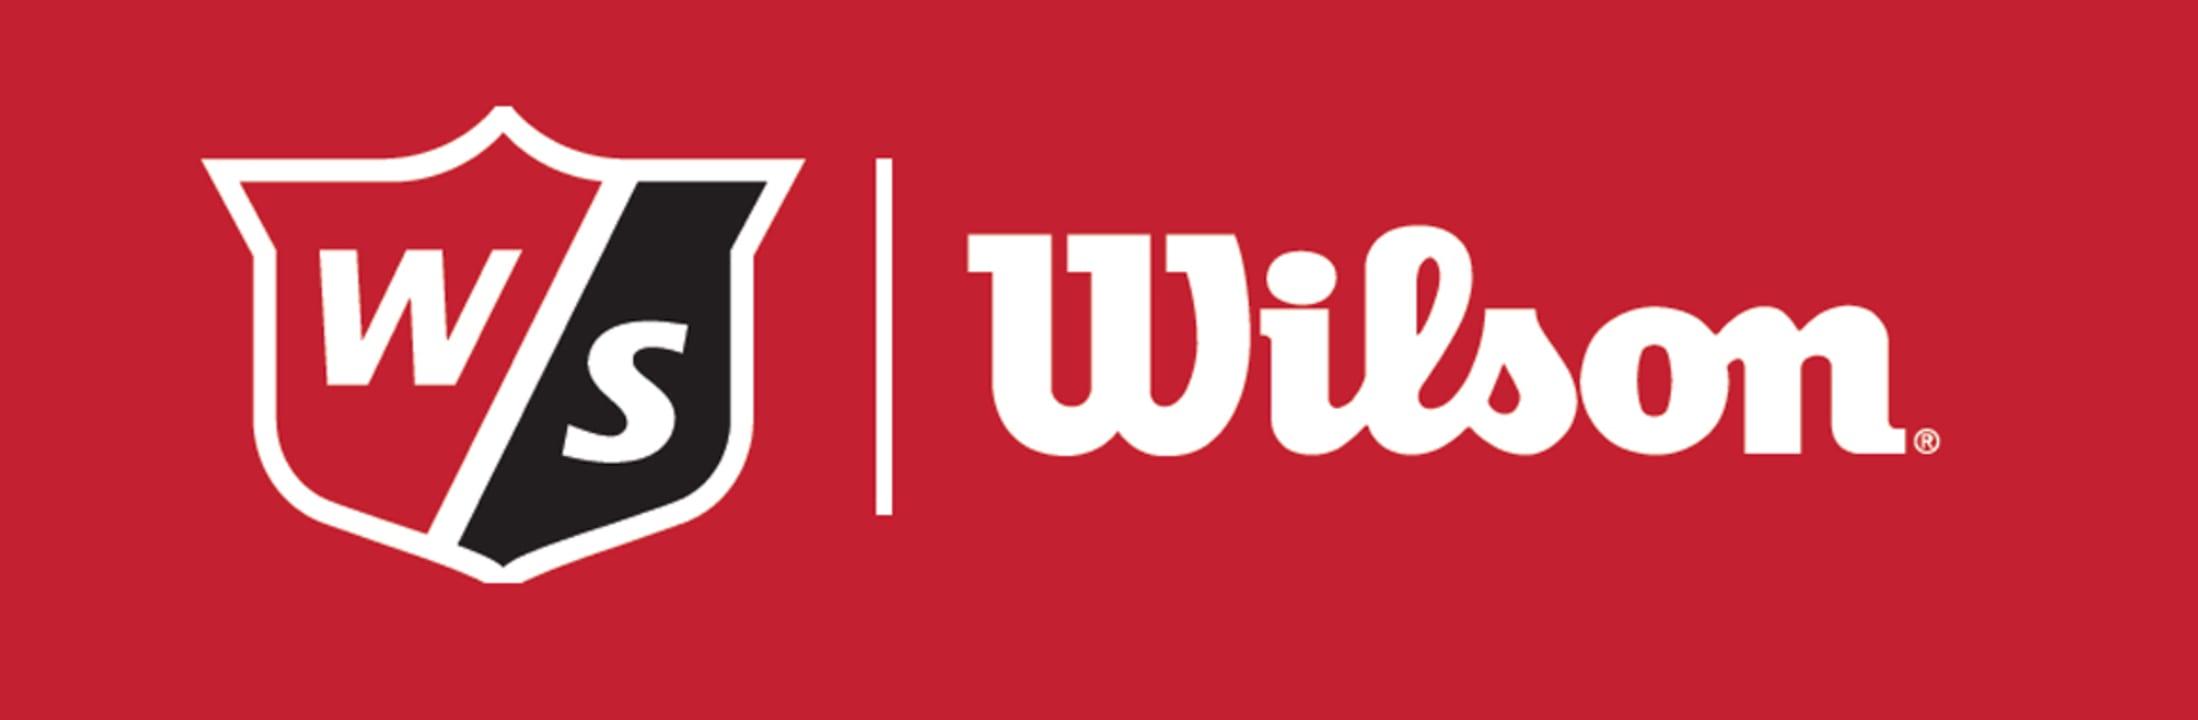 WS Logo red